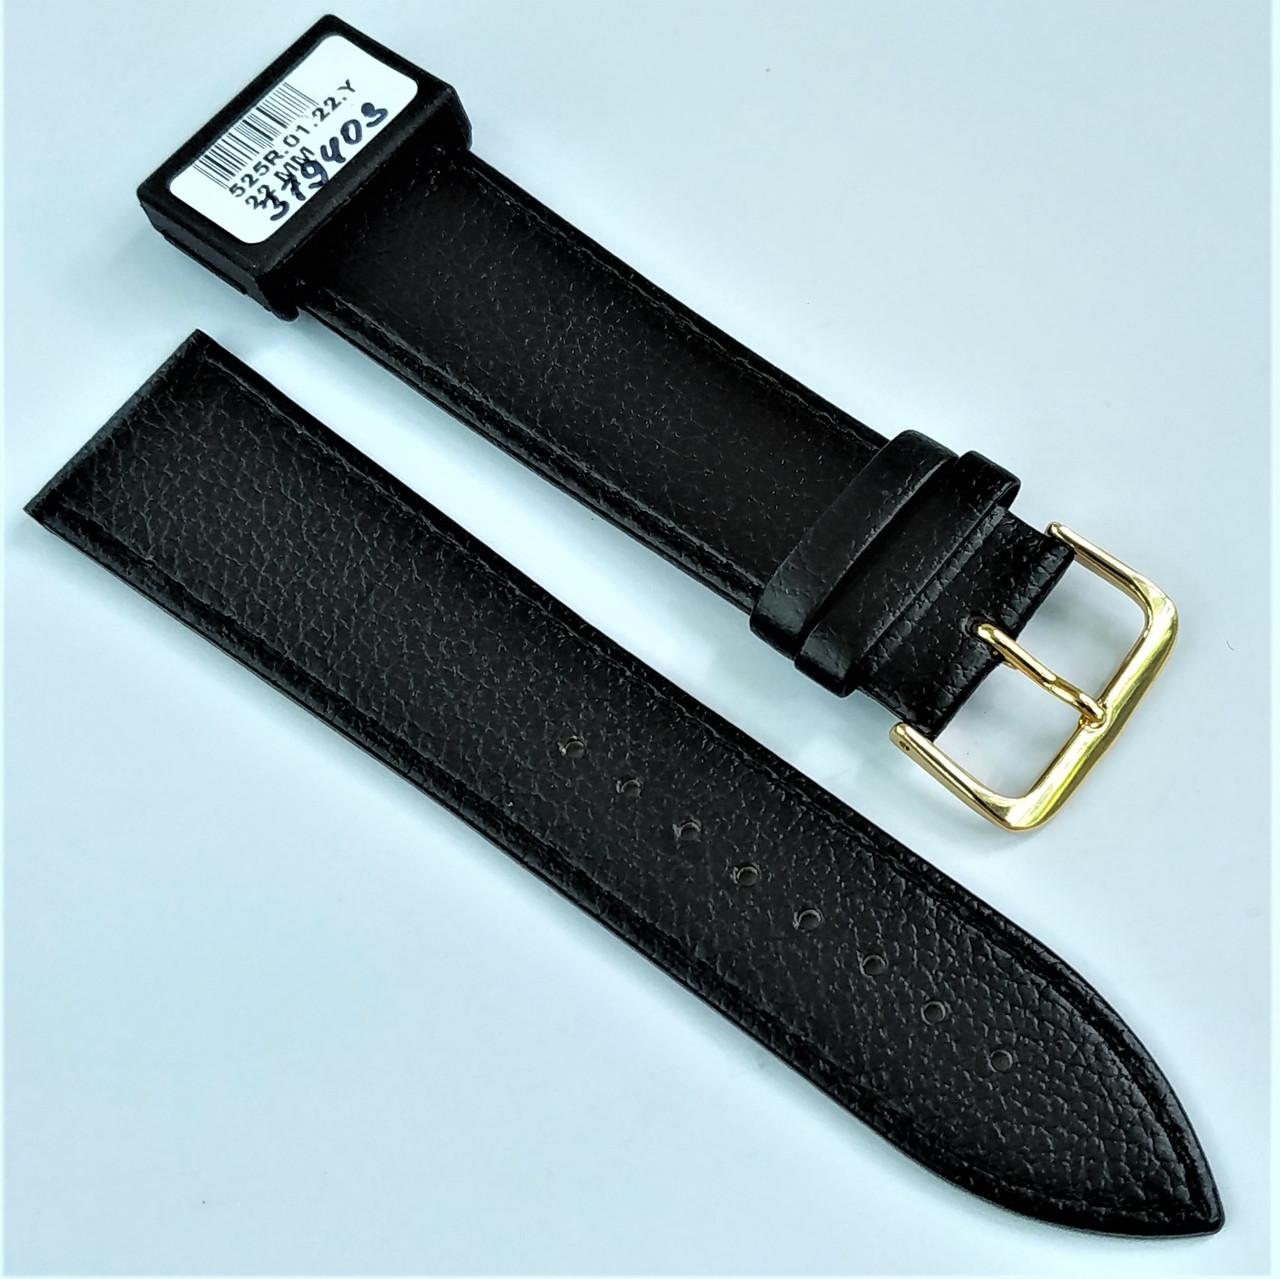 22 мм Кожаный Ремешок для часов CONDOR 525.22.01 Черный Ремешок на часы из Натуральной кожи